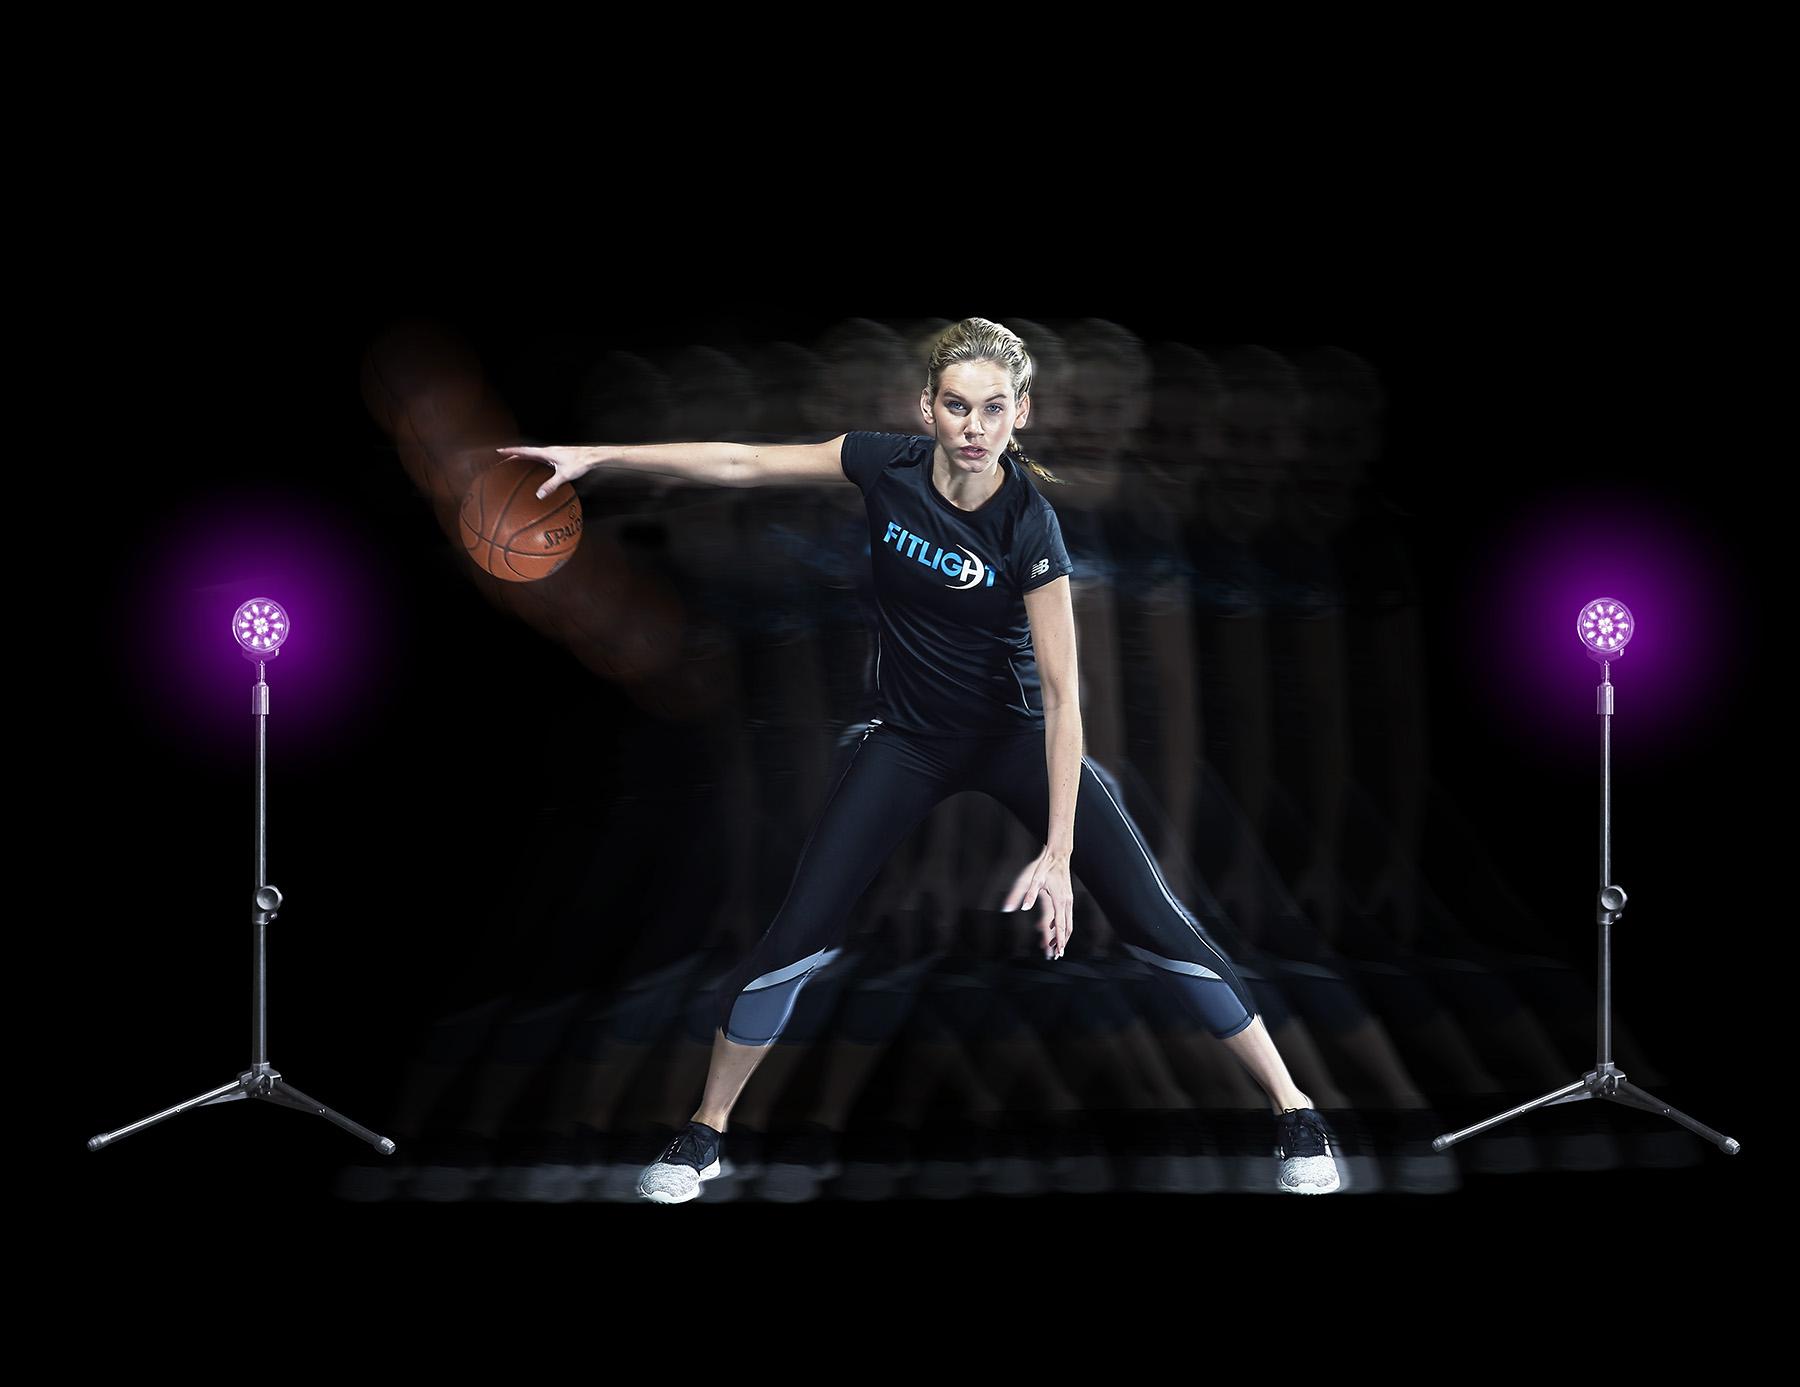 BasketballDribbleLightsaddedFINAL.jpg